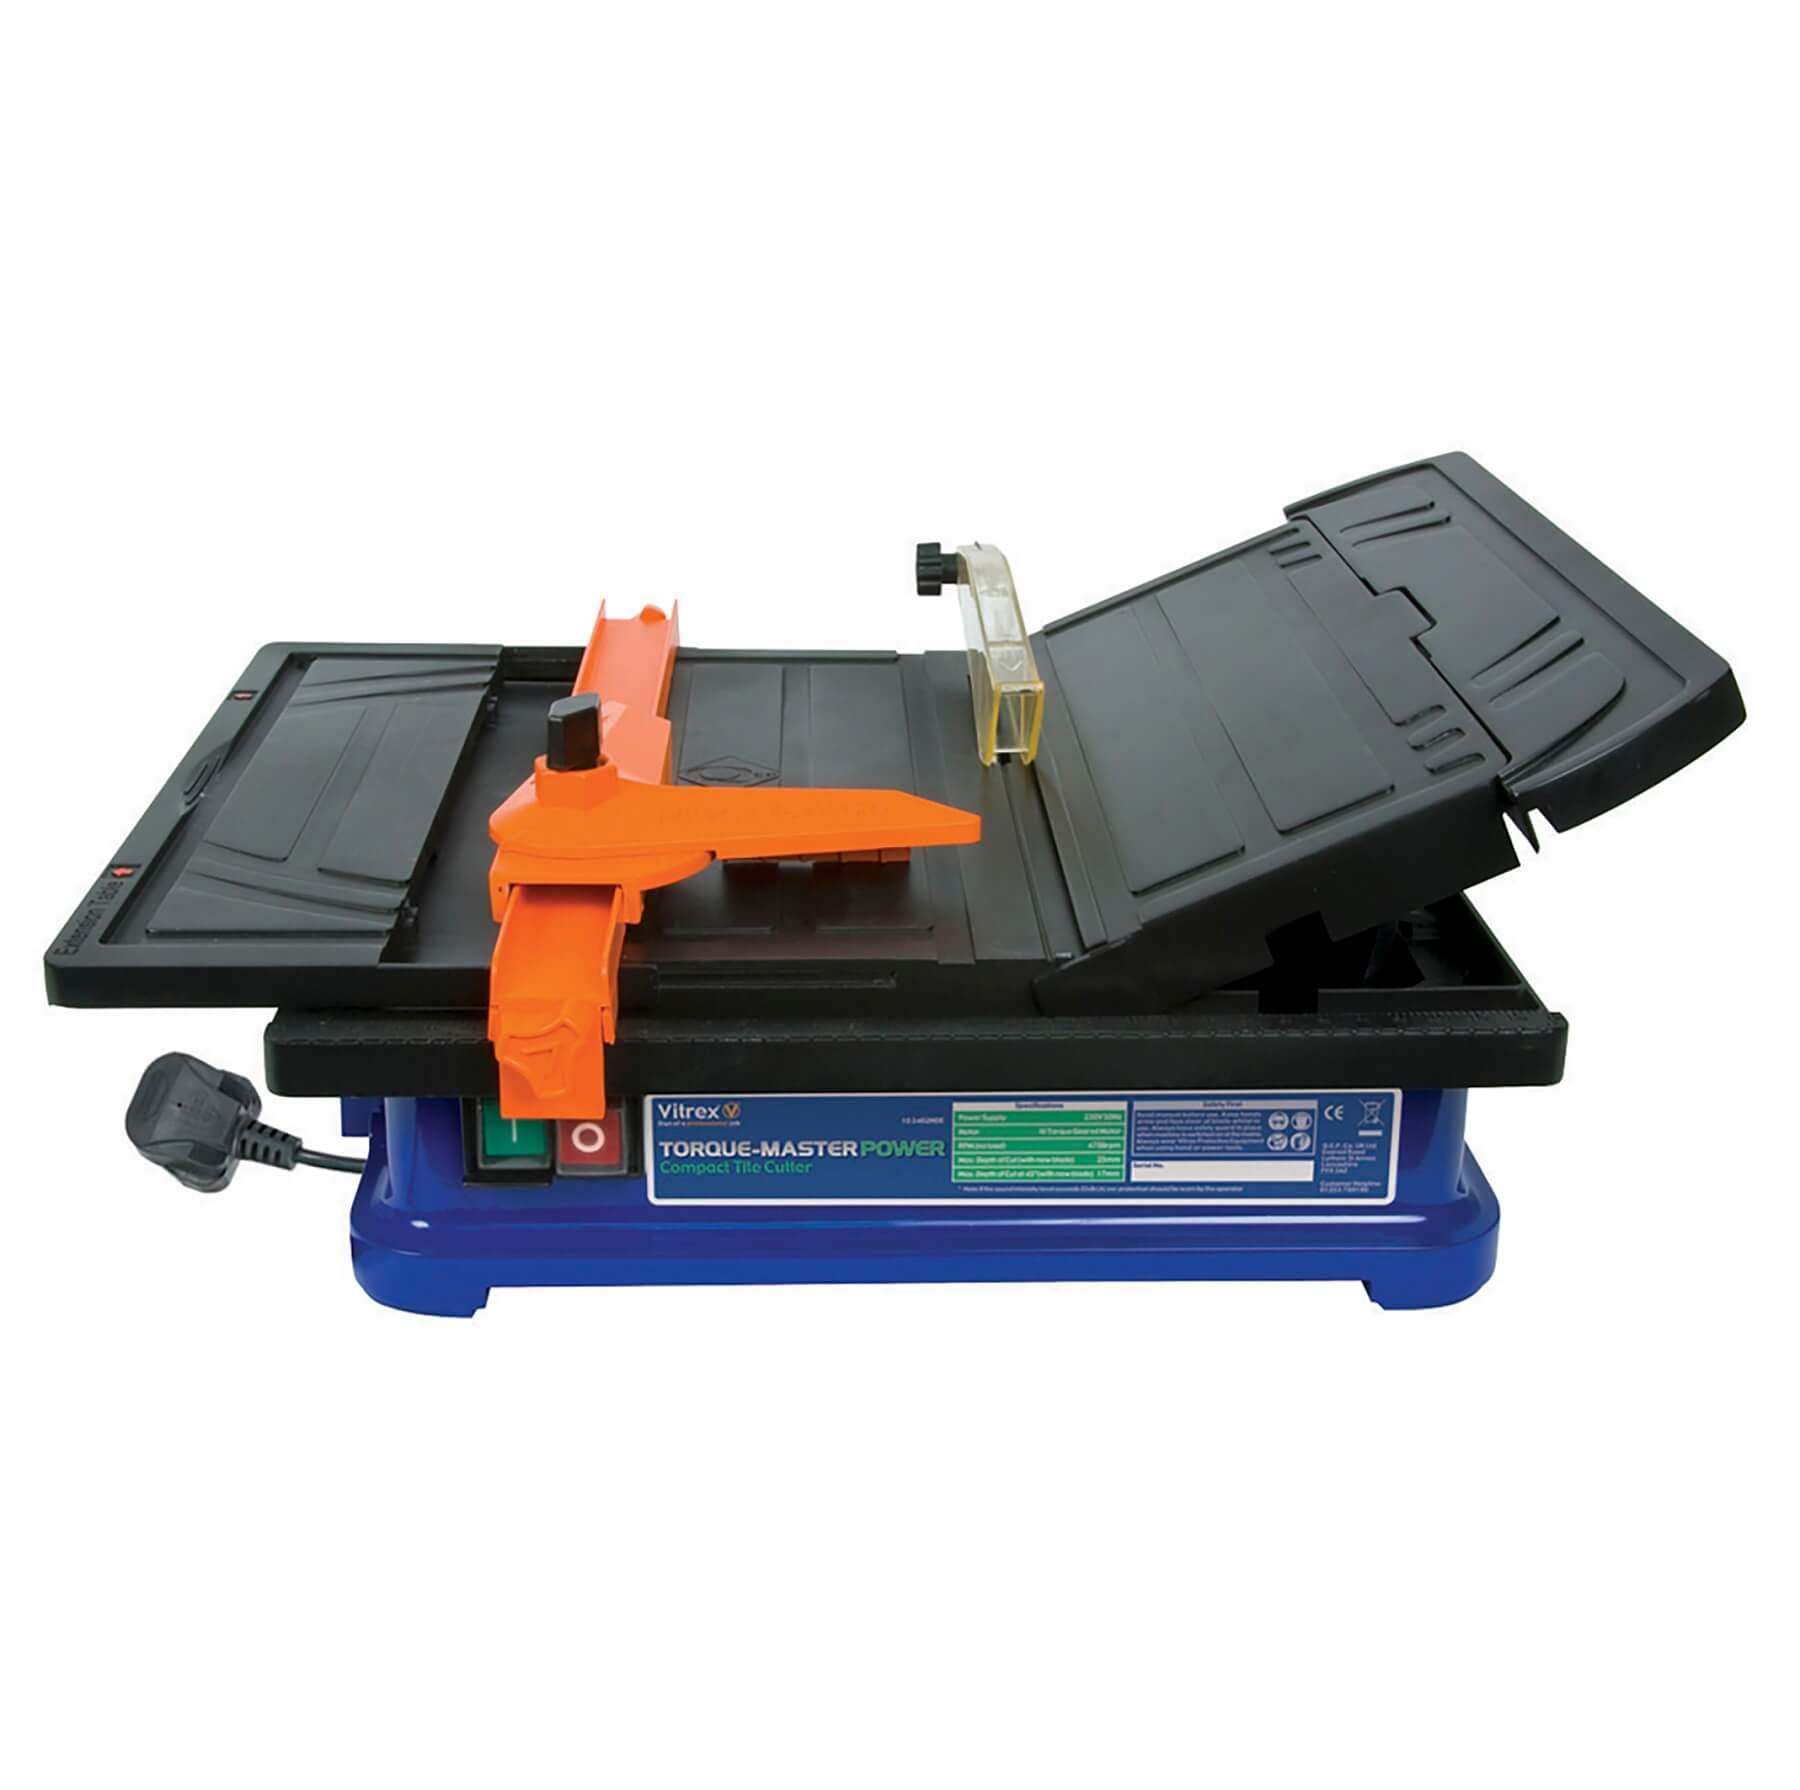 Torque Master Power Tile Cutter 450w